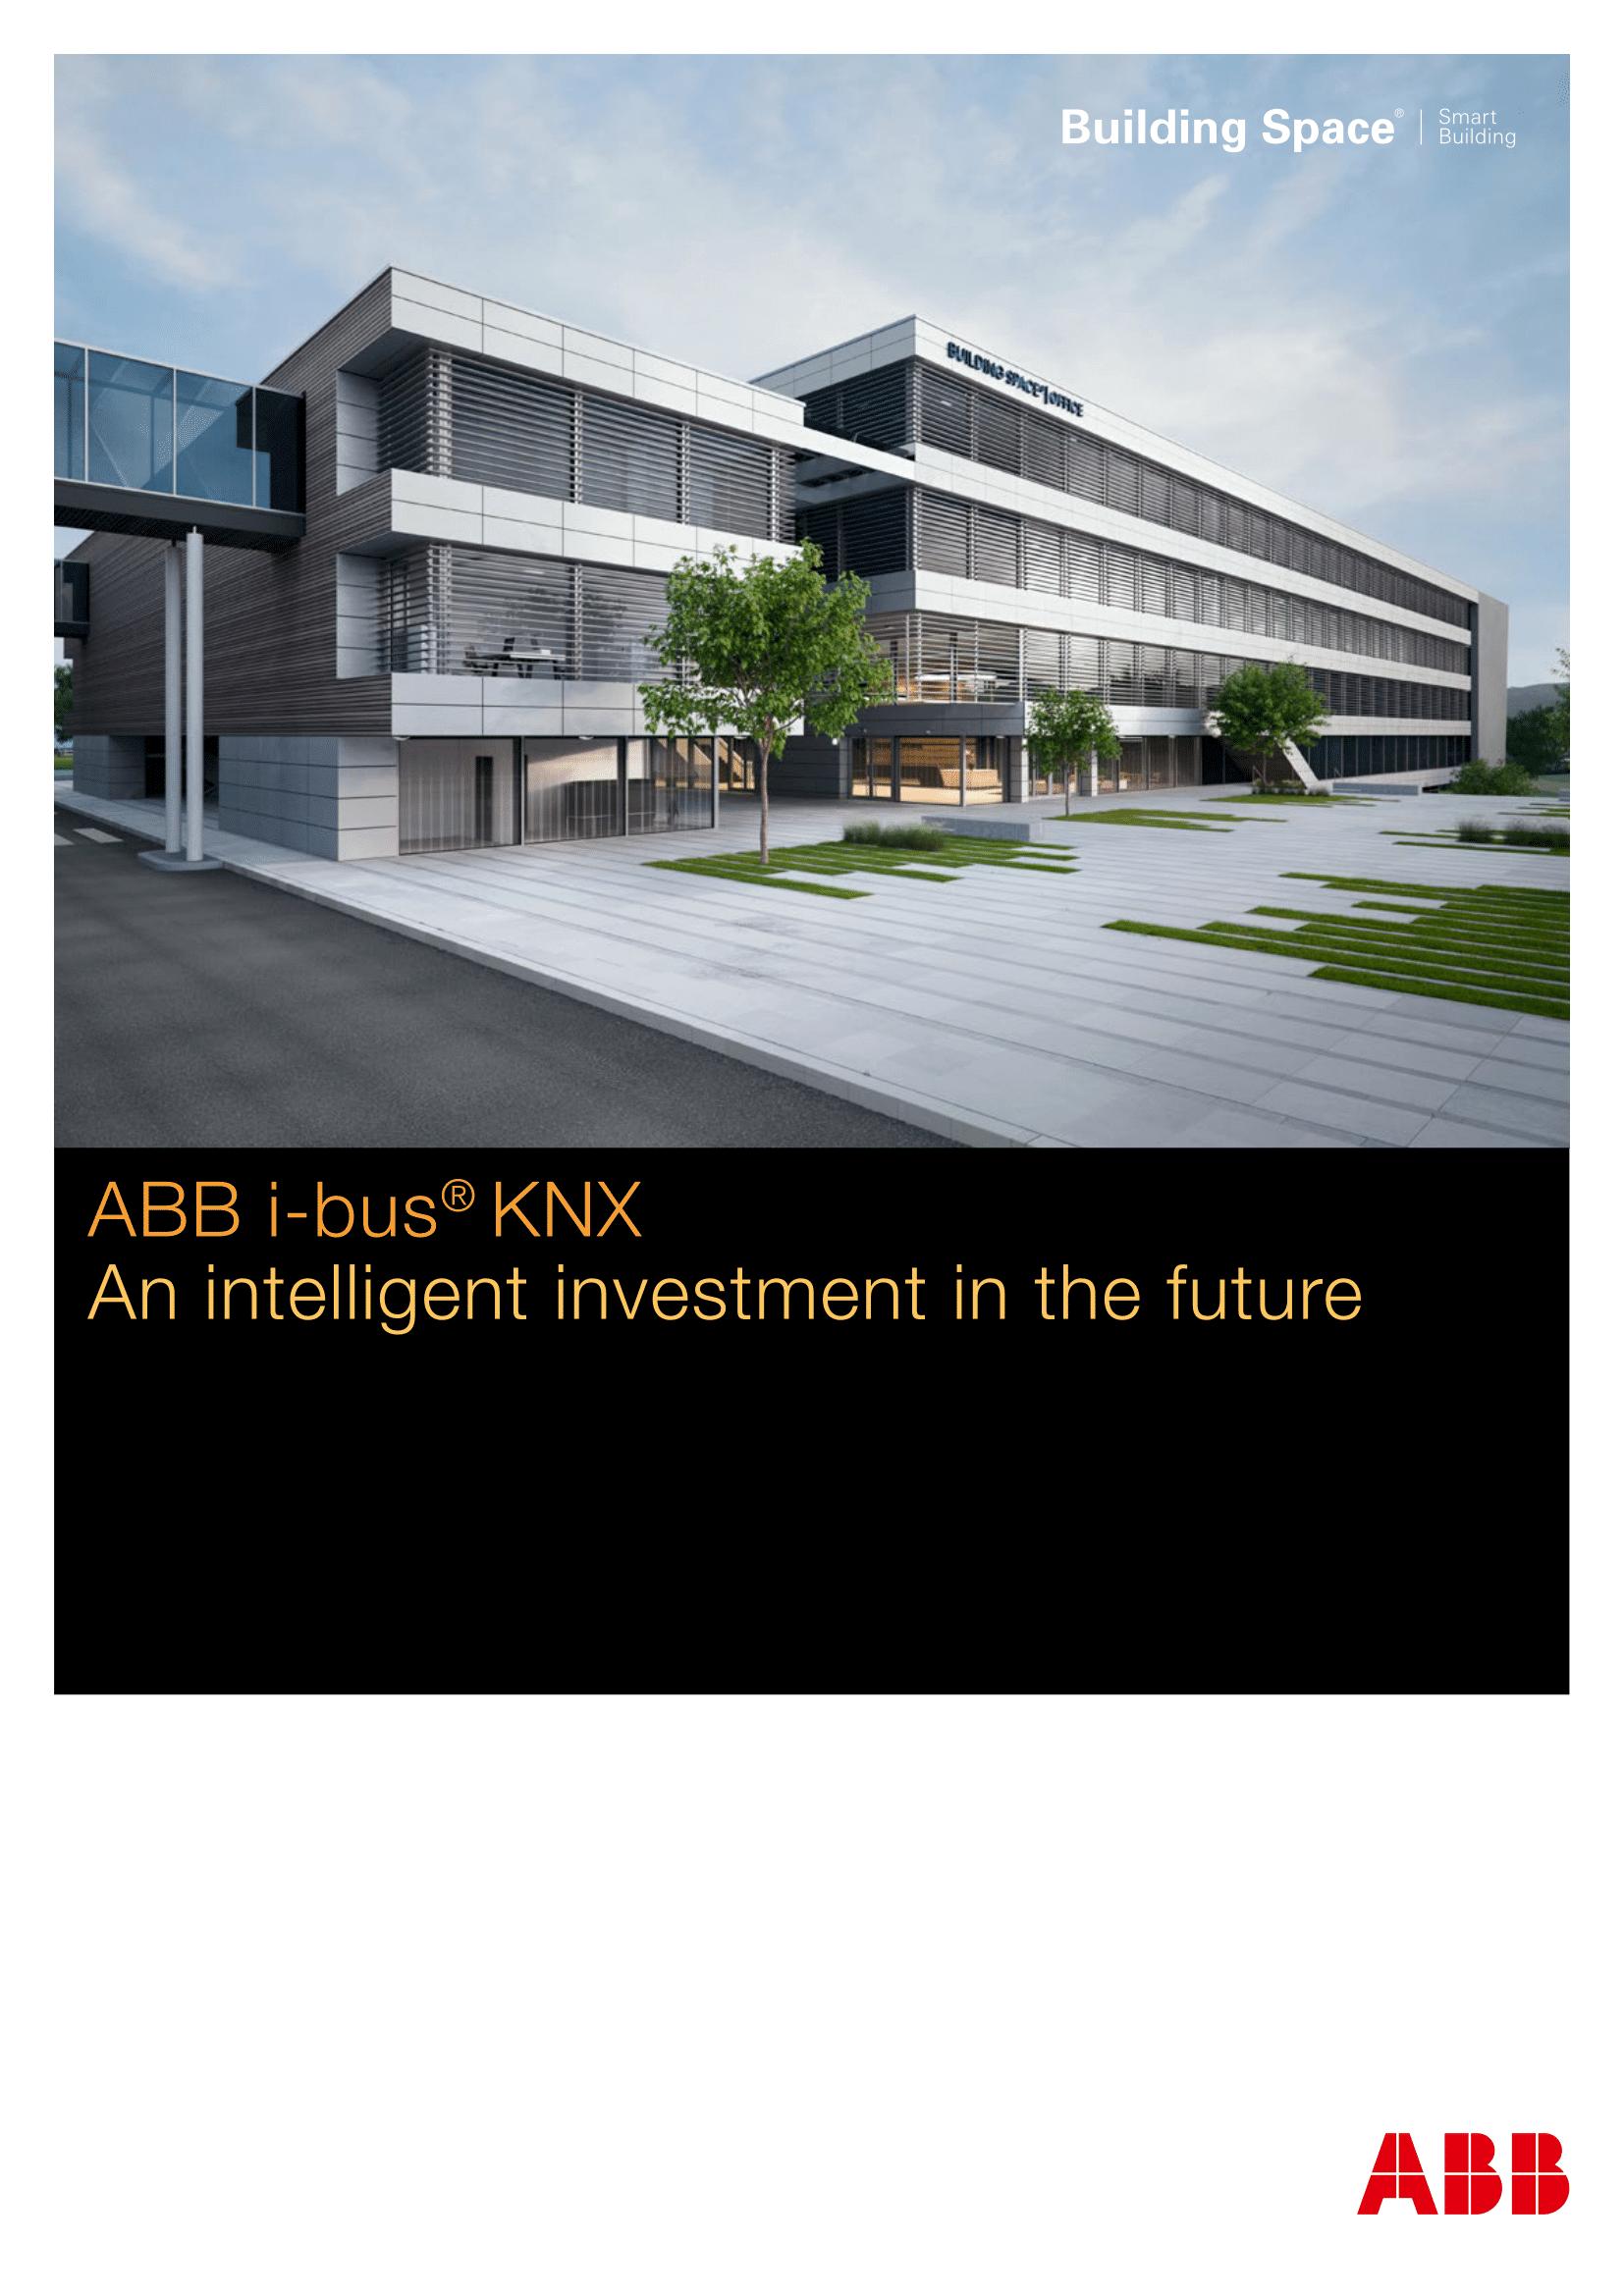 ABB KNX Investor Brochure